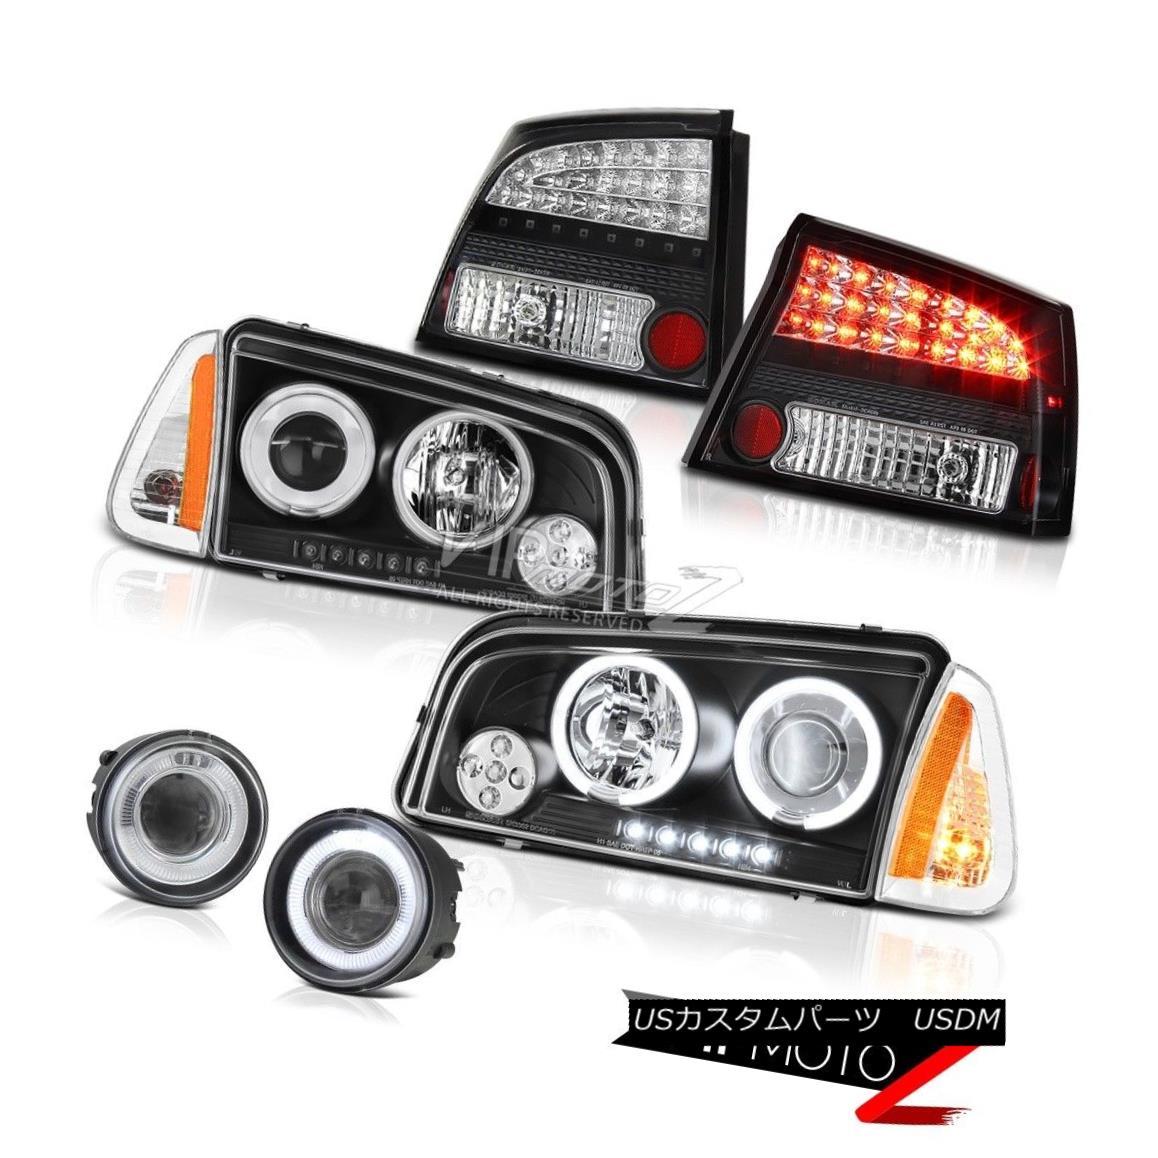 ヘッドライト 2009-2010 Dodge Charger SRT8 Euro chrome fog lights tail parking lamp Headlamps 2009-2010ダッジチャージャーSRT8ユーロクロームフォグライトテールパーキングランプヘッドランプ